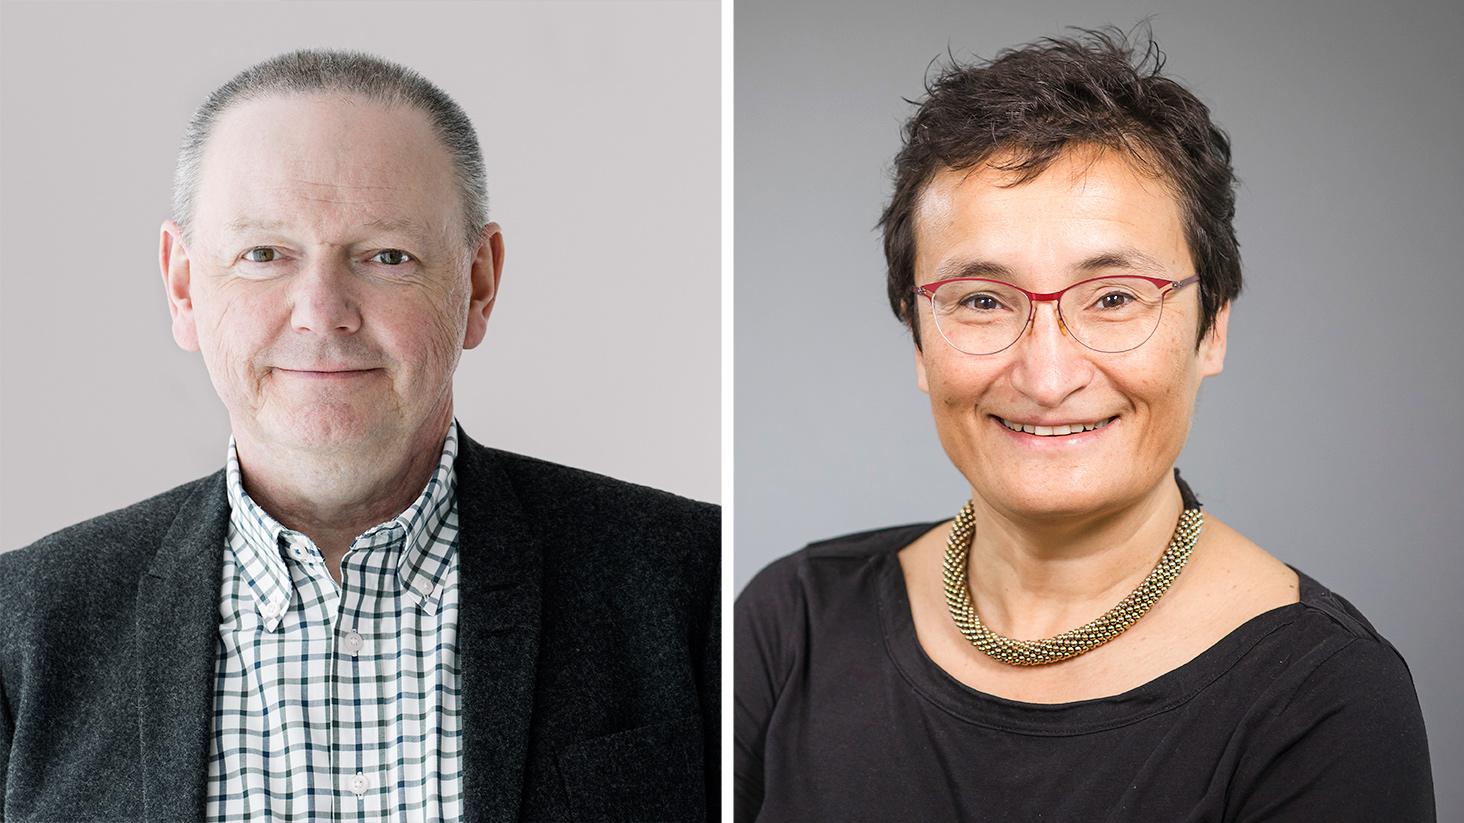 Det behövs ett gemensamt regelverk för AI i Europa, menar Hans Adolfsson, rektor, och Virginia Dignum, professor inom AI och etik, som kommentar till det svar som Umeå universitet lämnat på EU-kommissionens vitbok om AI.